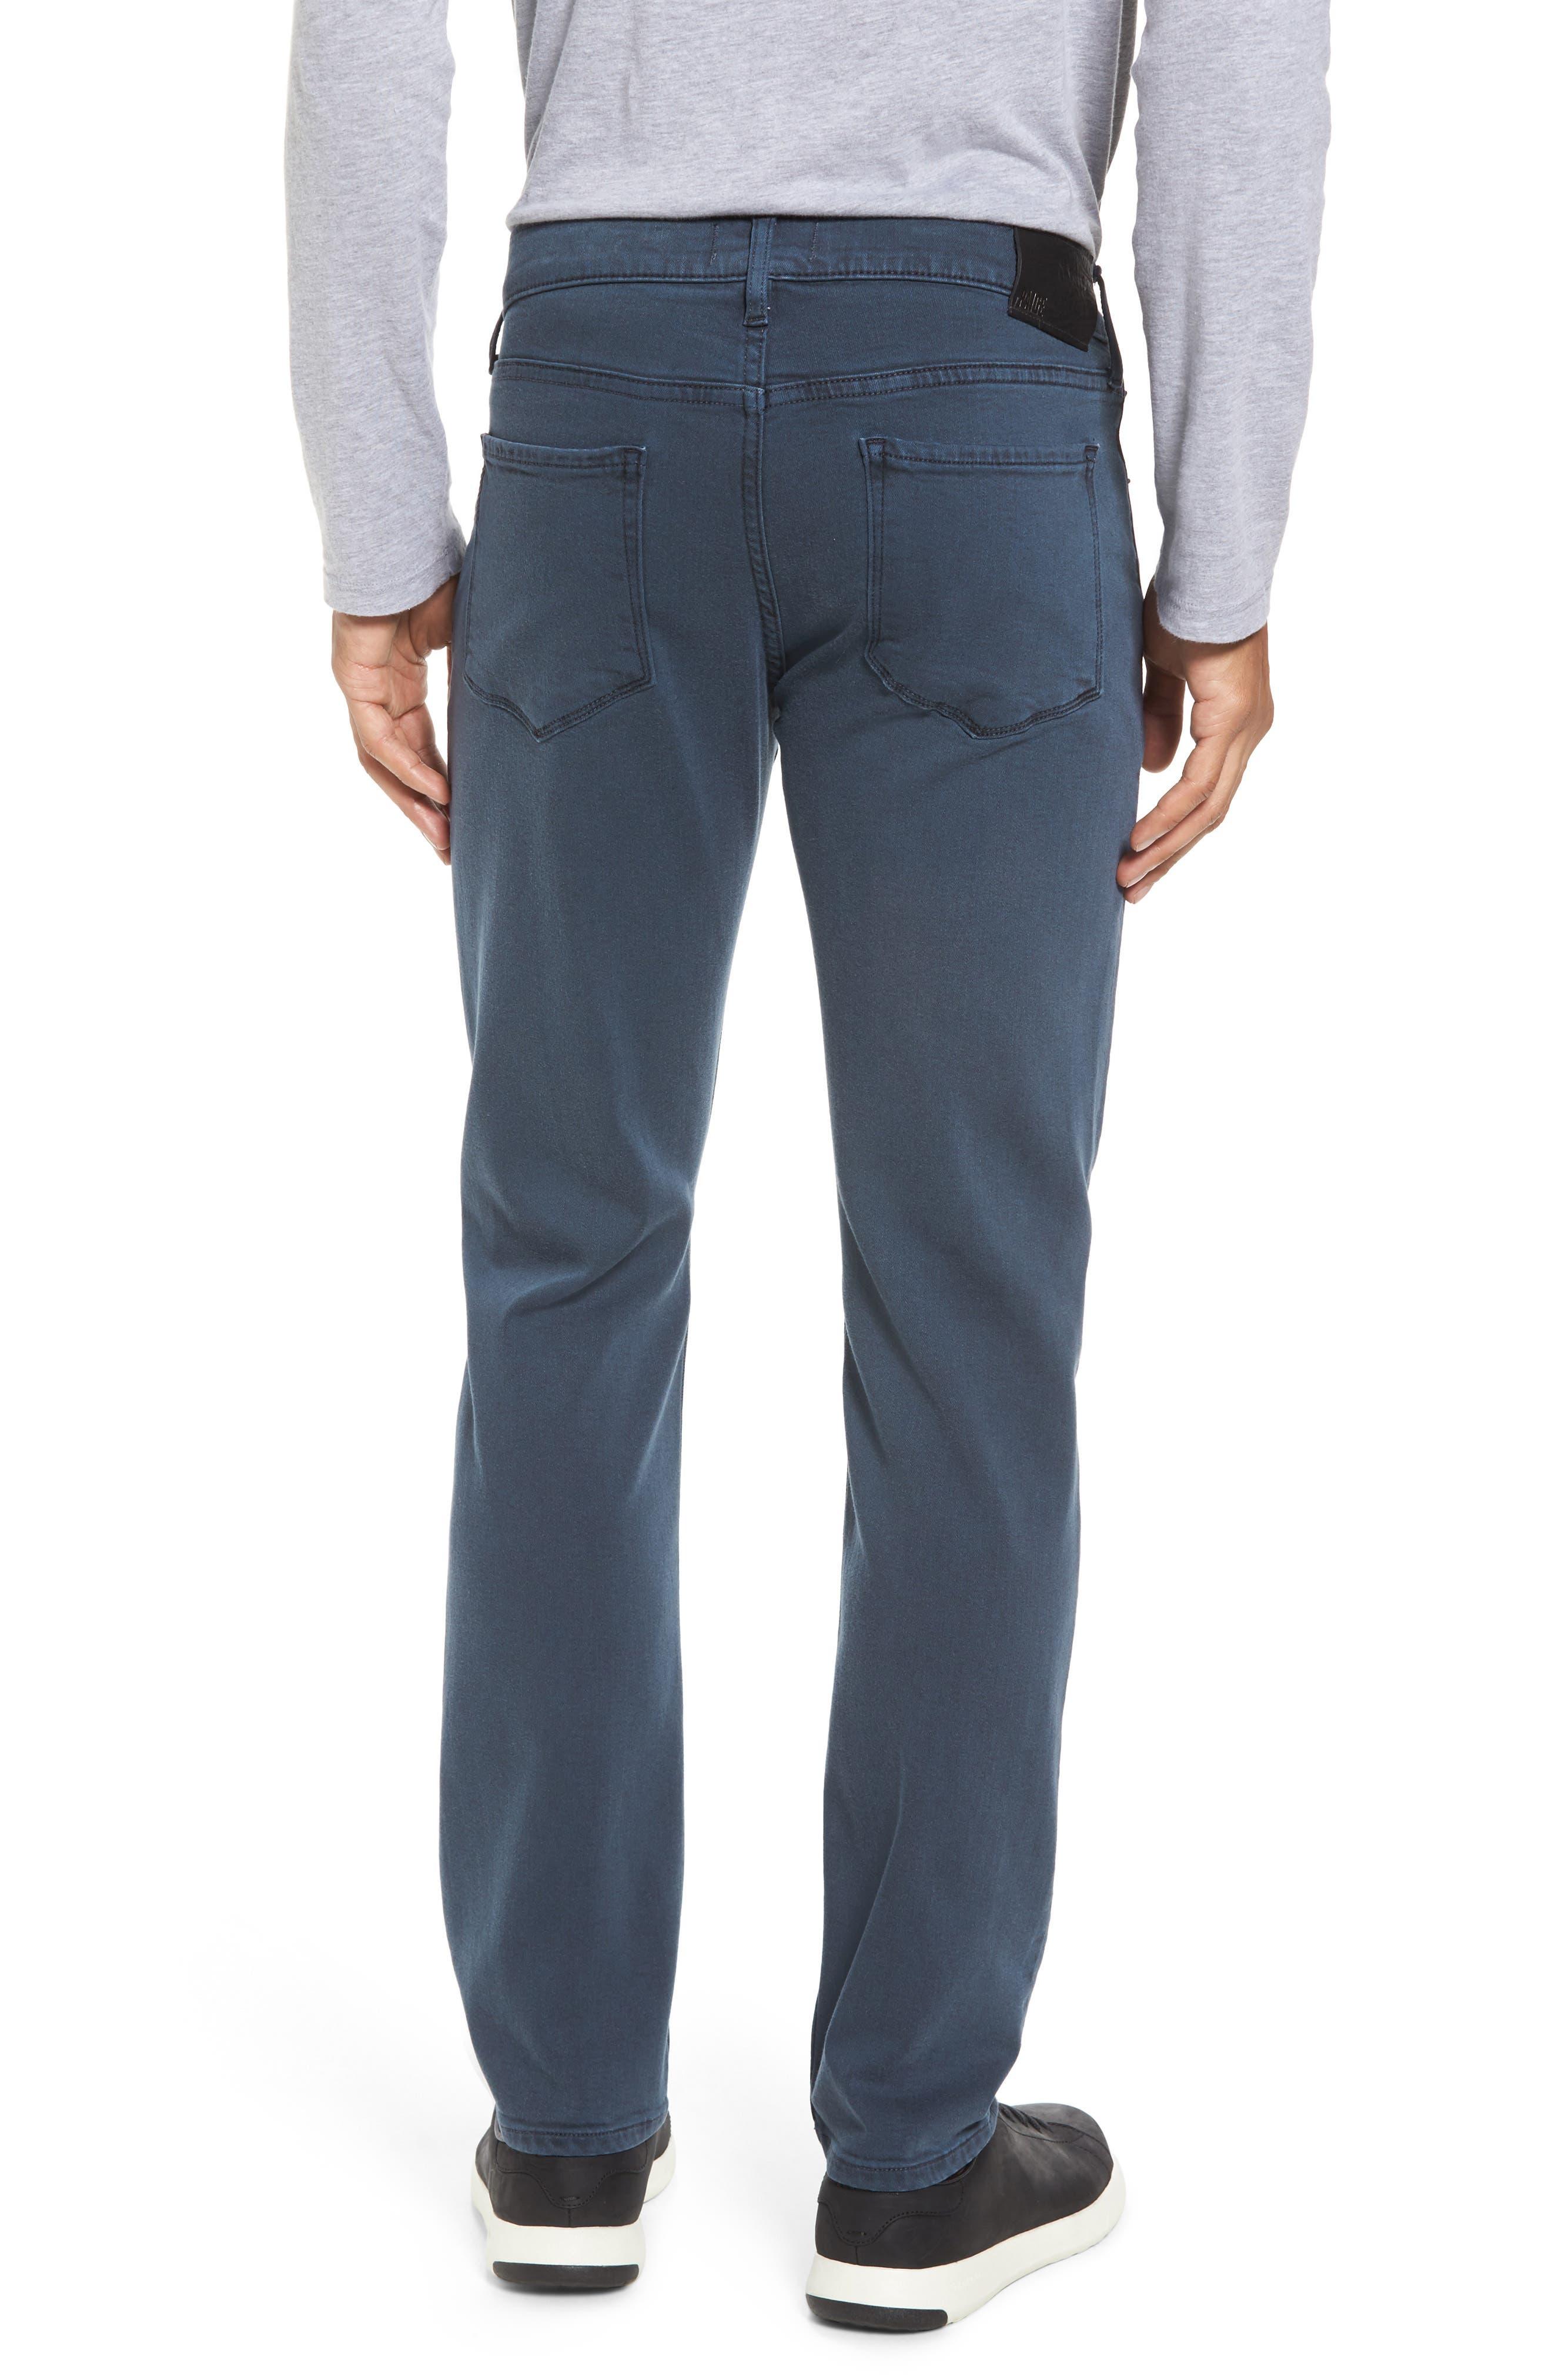 PAIGE, Lennox Slim Fit Jeans, Alternate thumbnail 2, color, 400